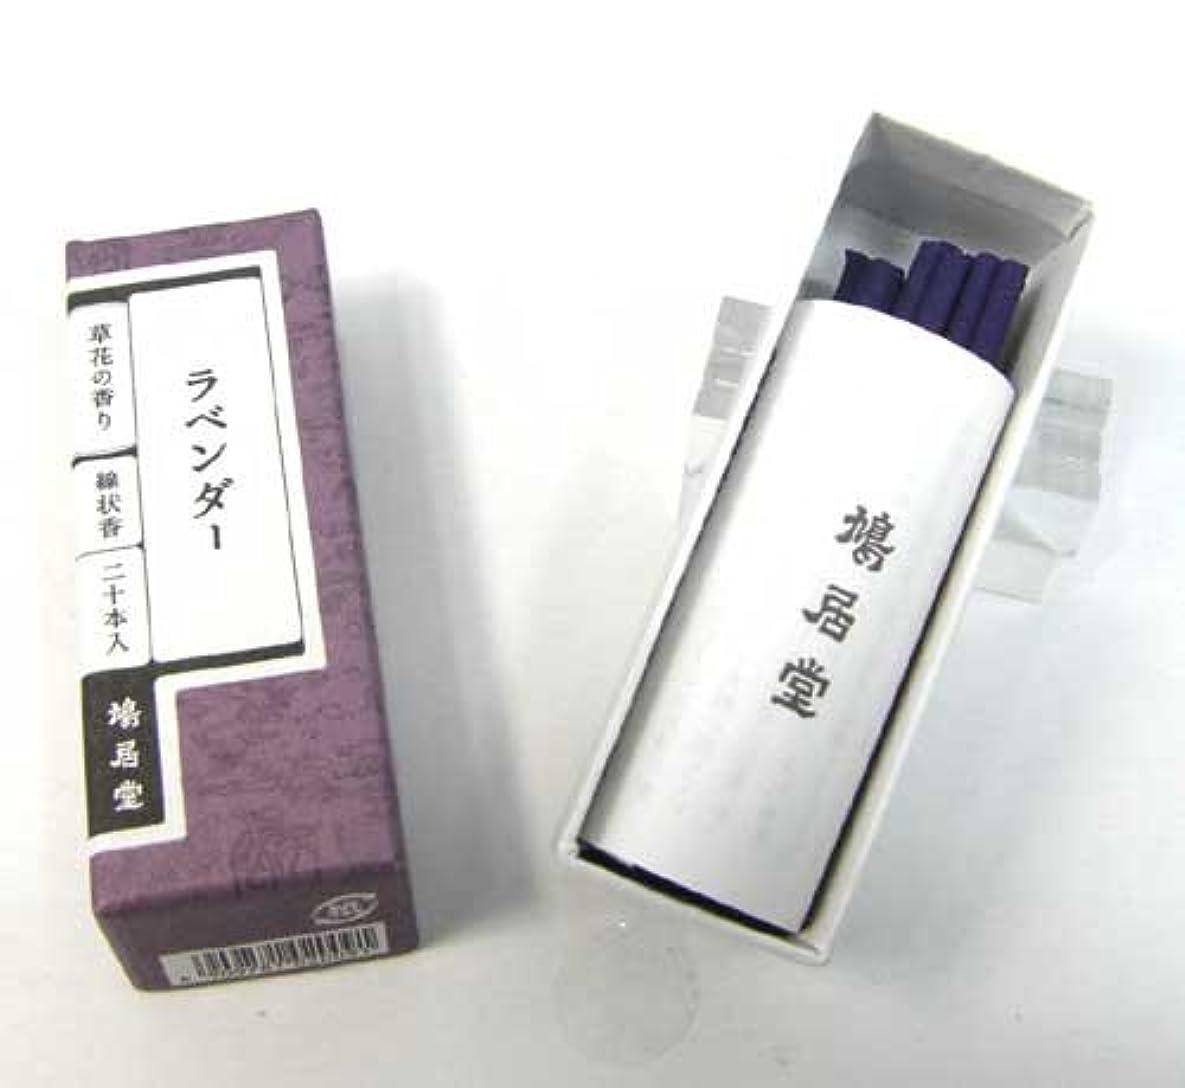 個人はずお茶鳩居堂 お香 ラベンダー 草花の香りシリーズ スティックタイプ(棒状香)20本いり